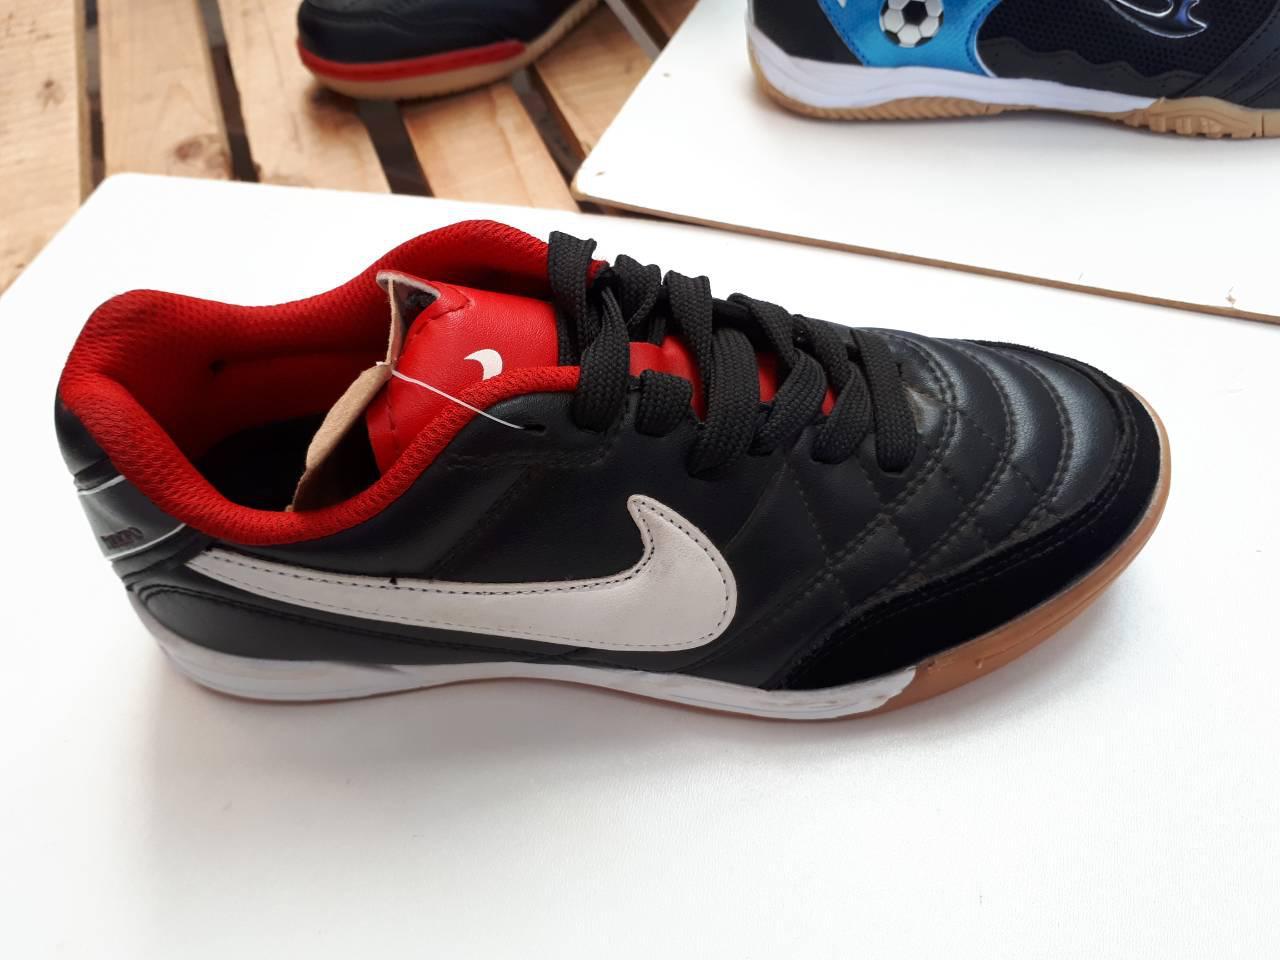 Детские футзалки Nike  продажа, цена в Хмельницком. футбольная обувь ... 2221a1a3b3e